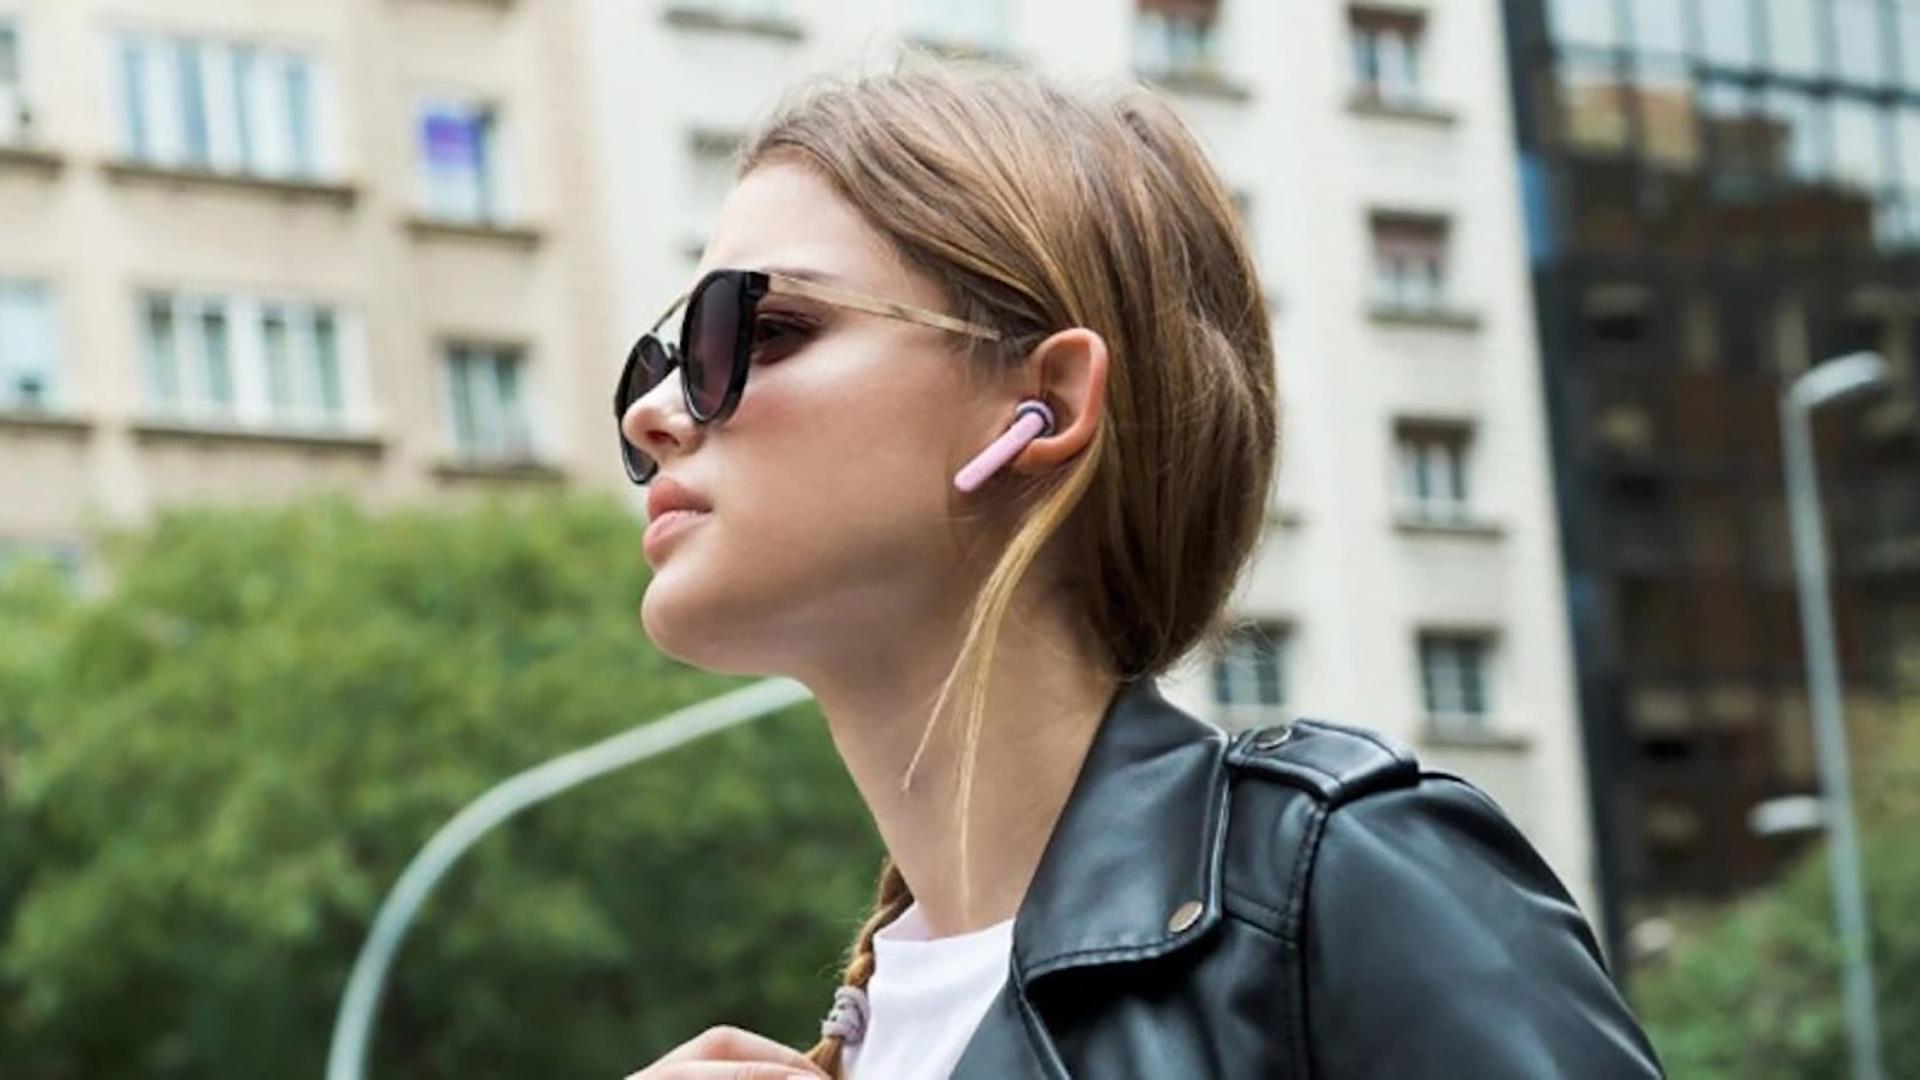 Auricolari Bluetooth: scopriamo i principali vantaggi